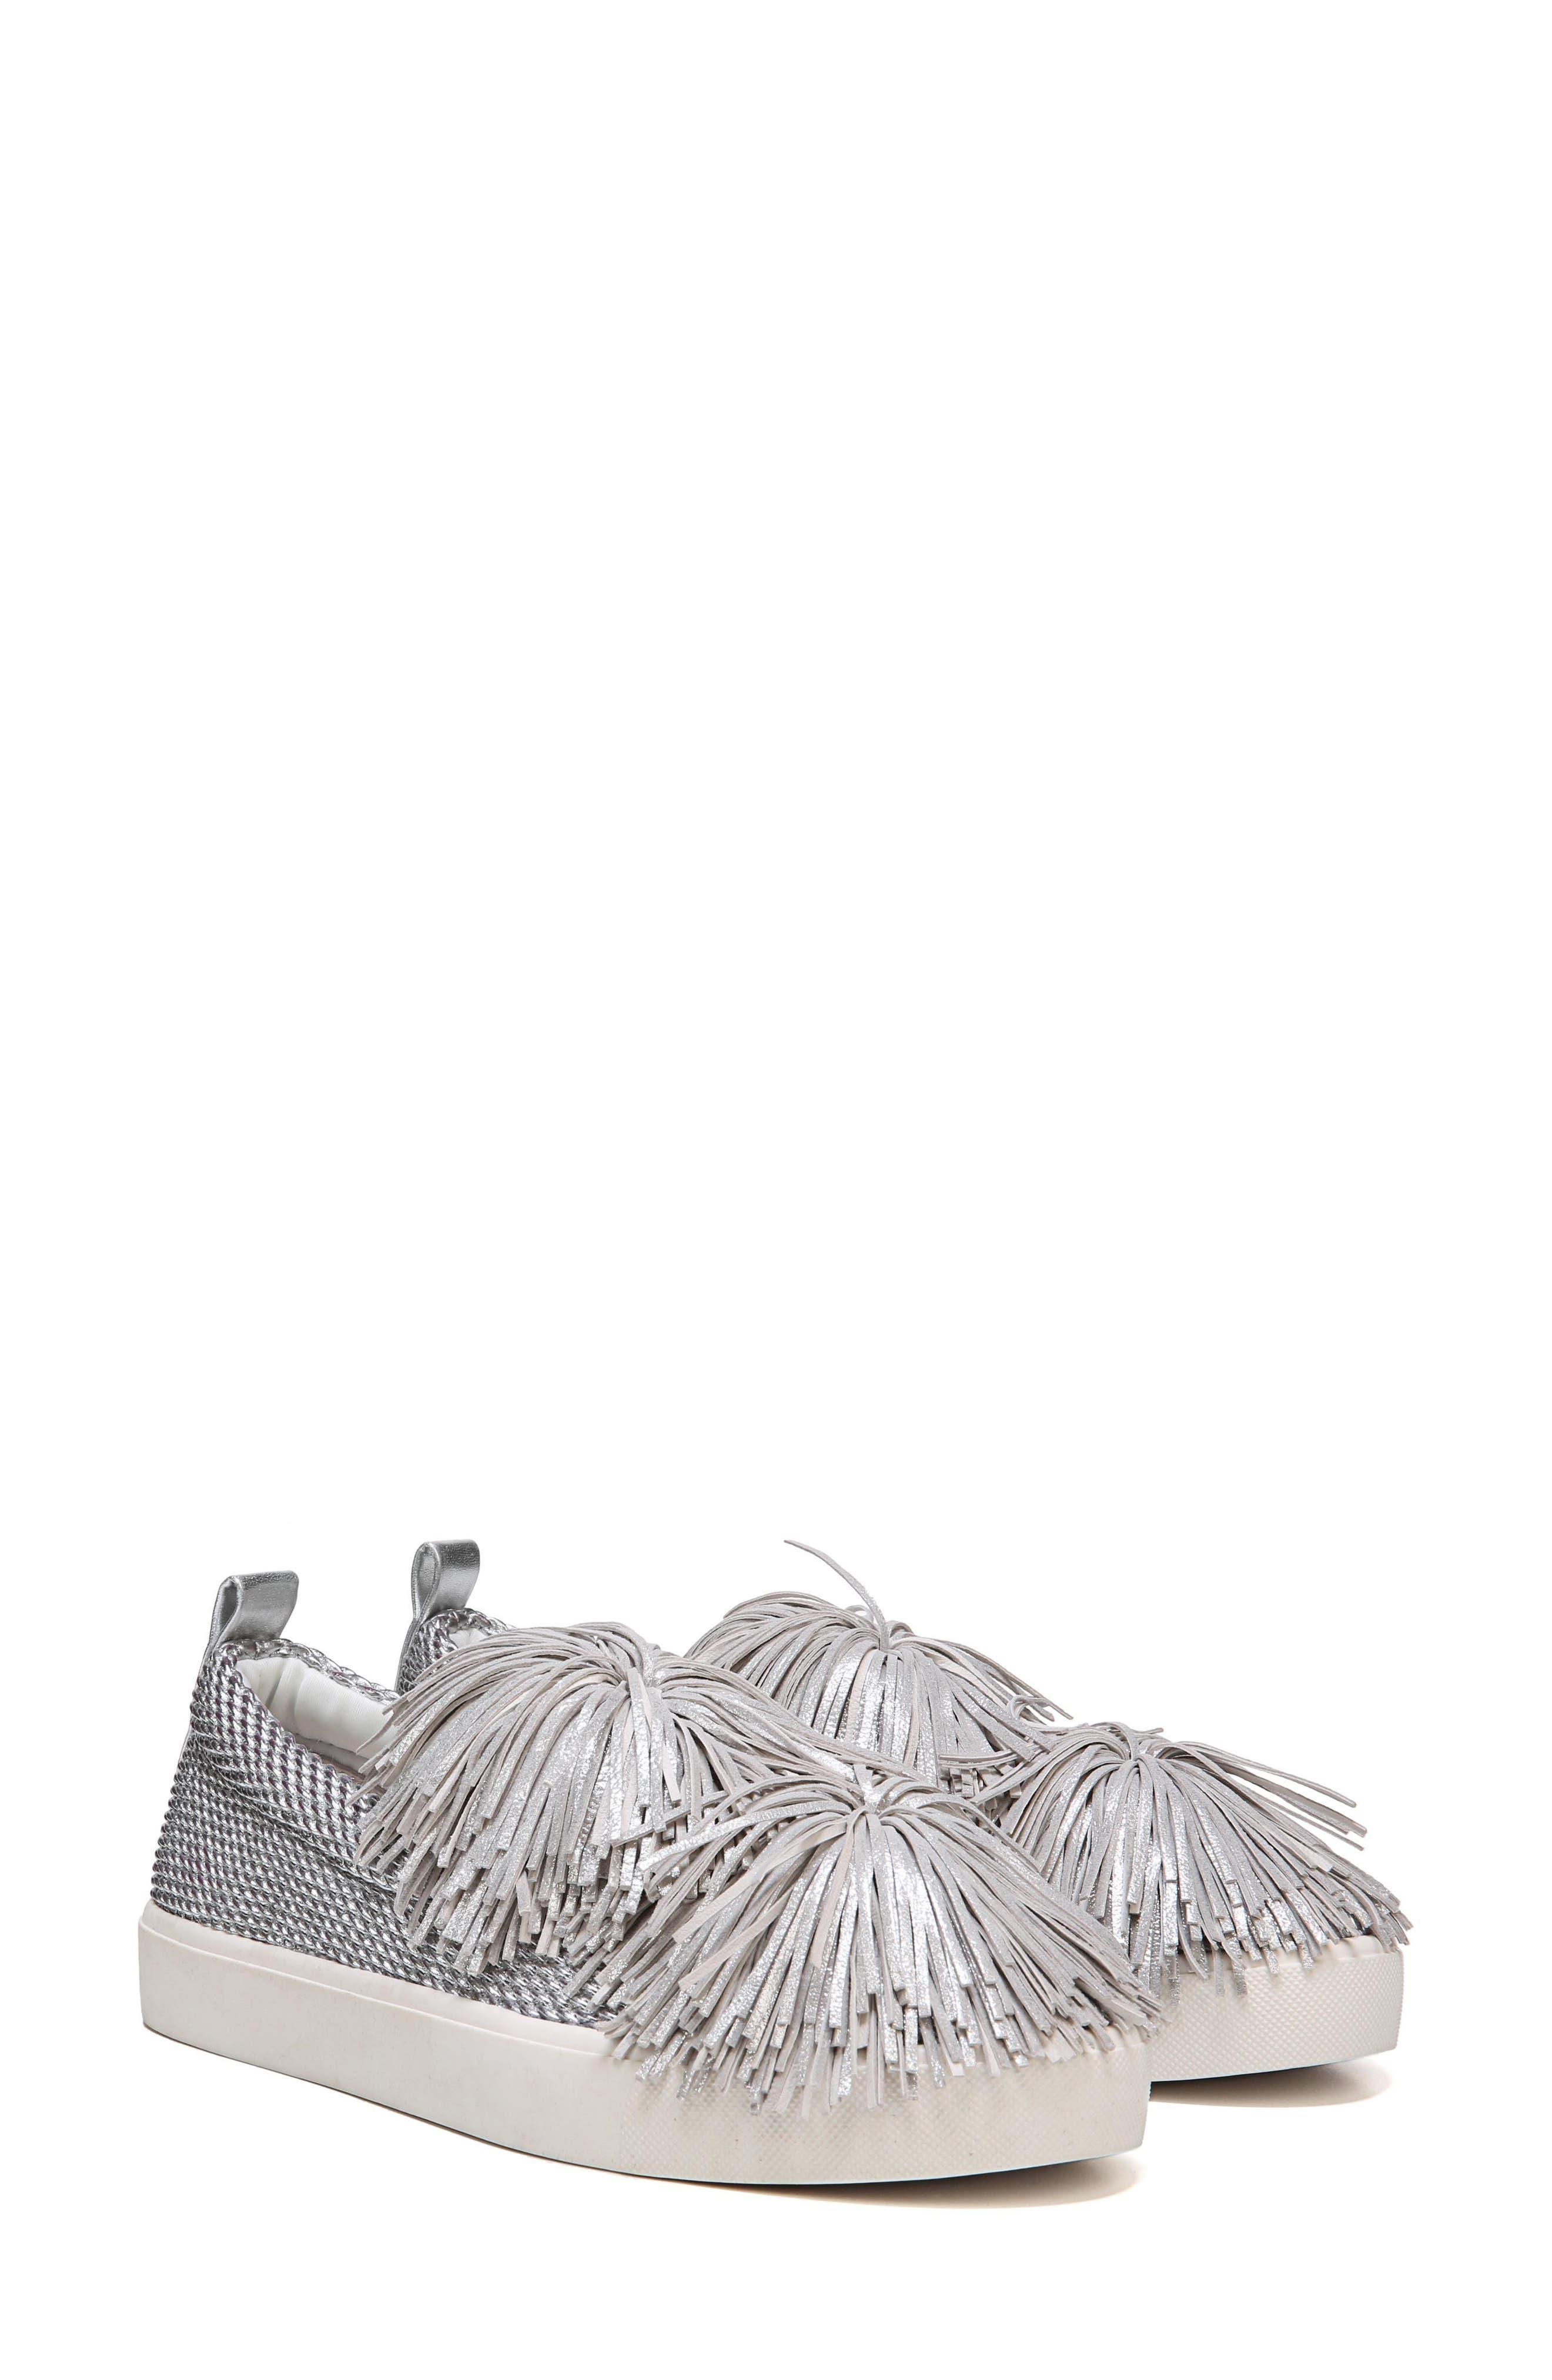 Emory Fringe Pompom Sneaker,                             Alternate thumbnail 9, color,                             Metallic Silver